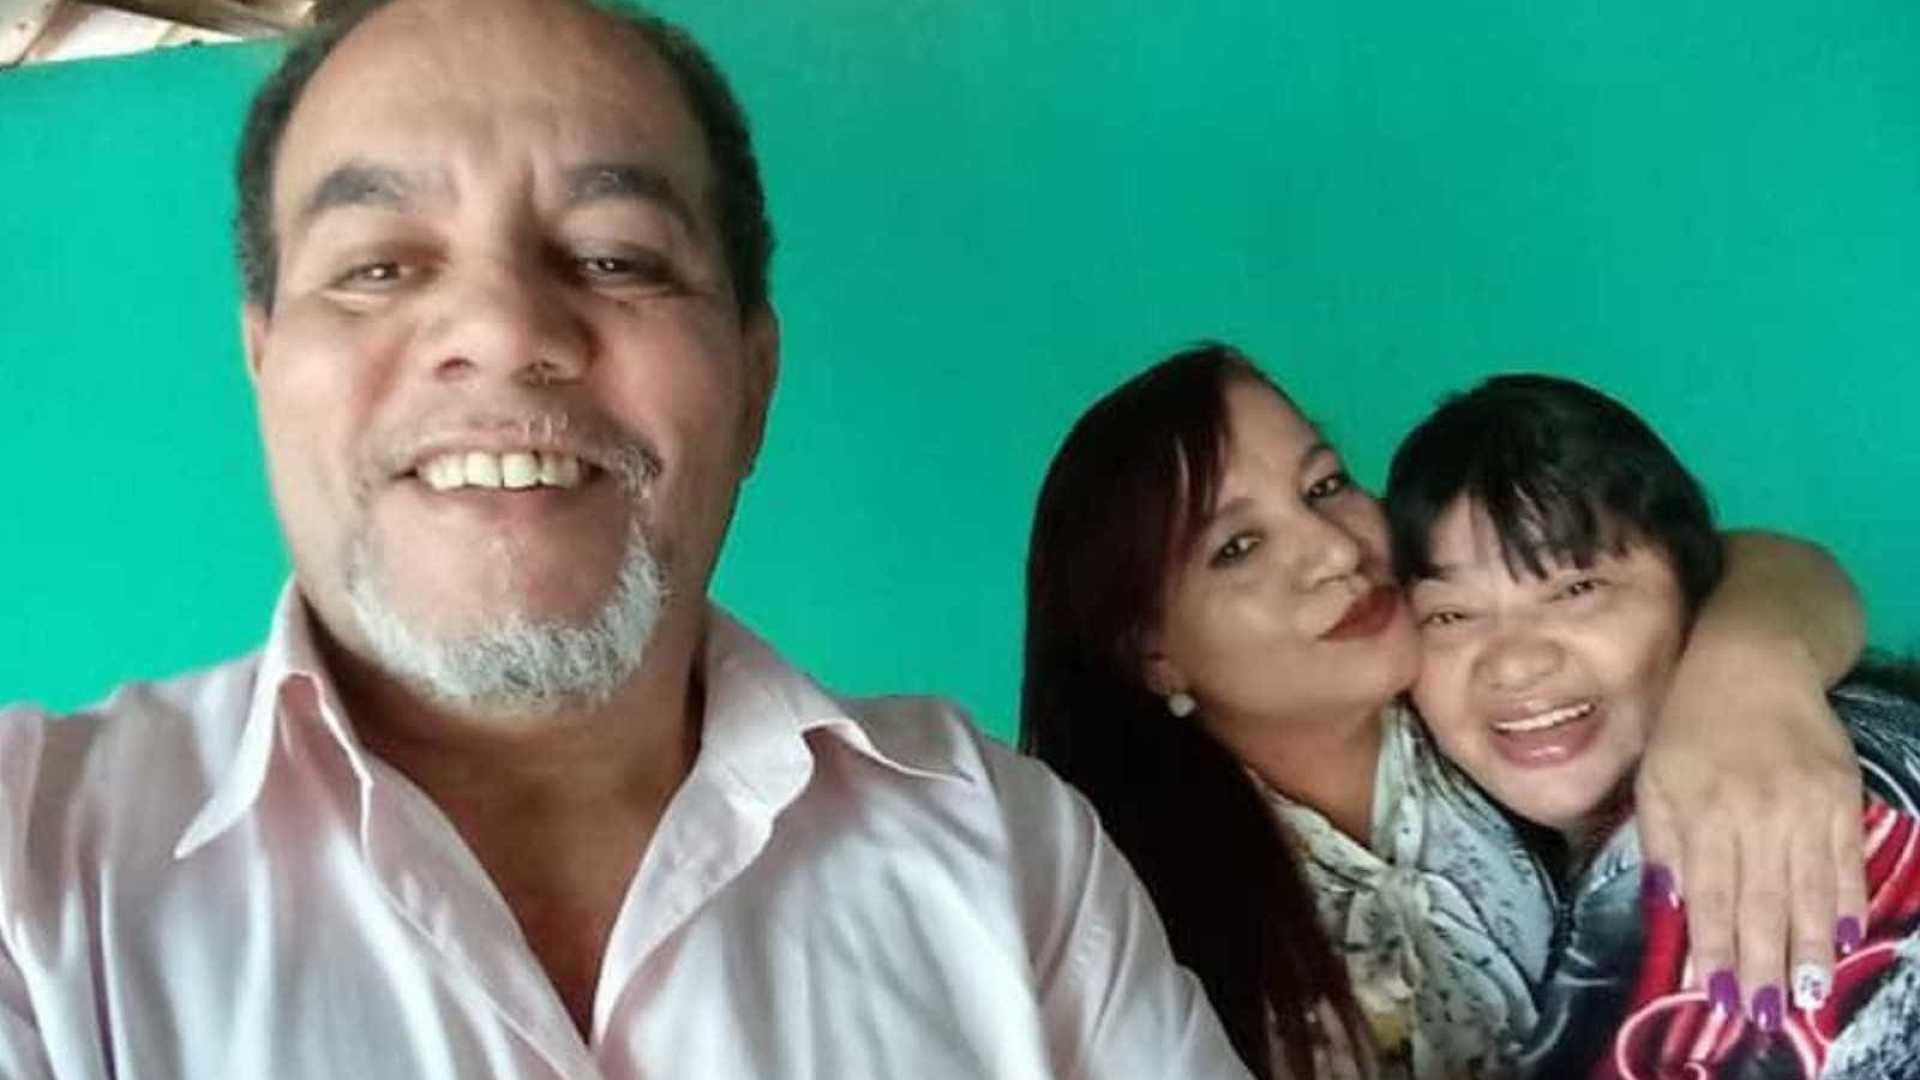 João Batista Gomes, a sobrinha Irene Lúcia Gomes e a esposa dele, Sueli Pereira de Matos Gomes (Reprodução G1)